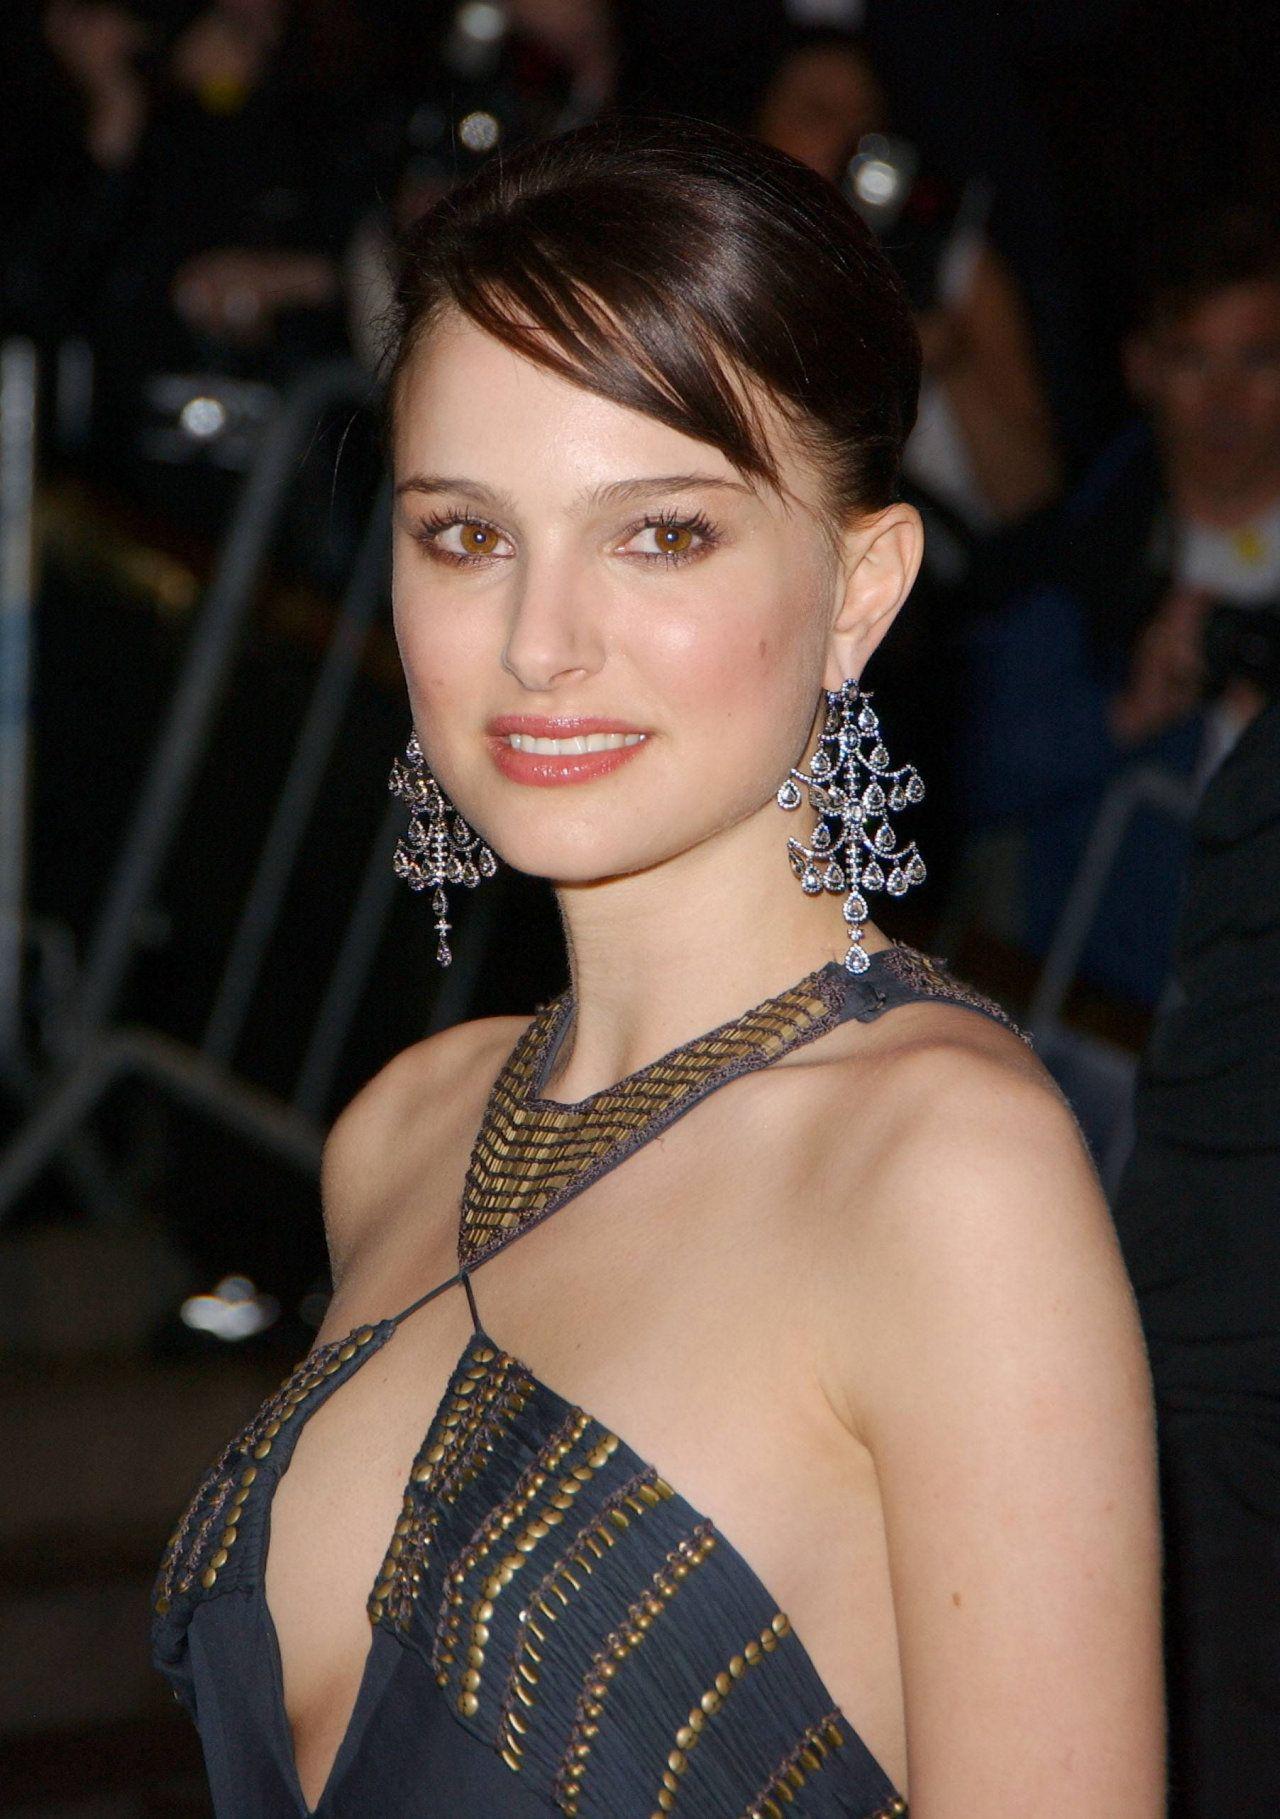 Cómo luce hoy Natalie Portman? (Matilda en la peli León)